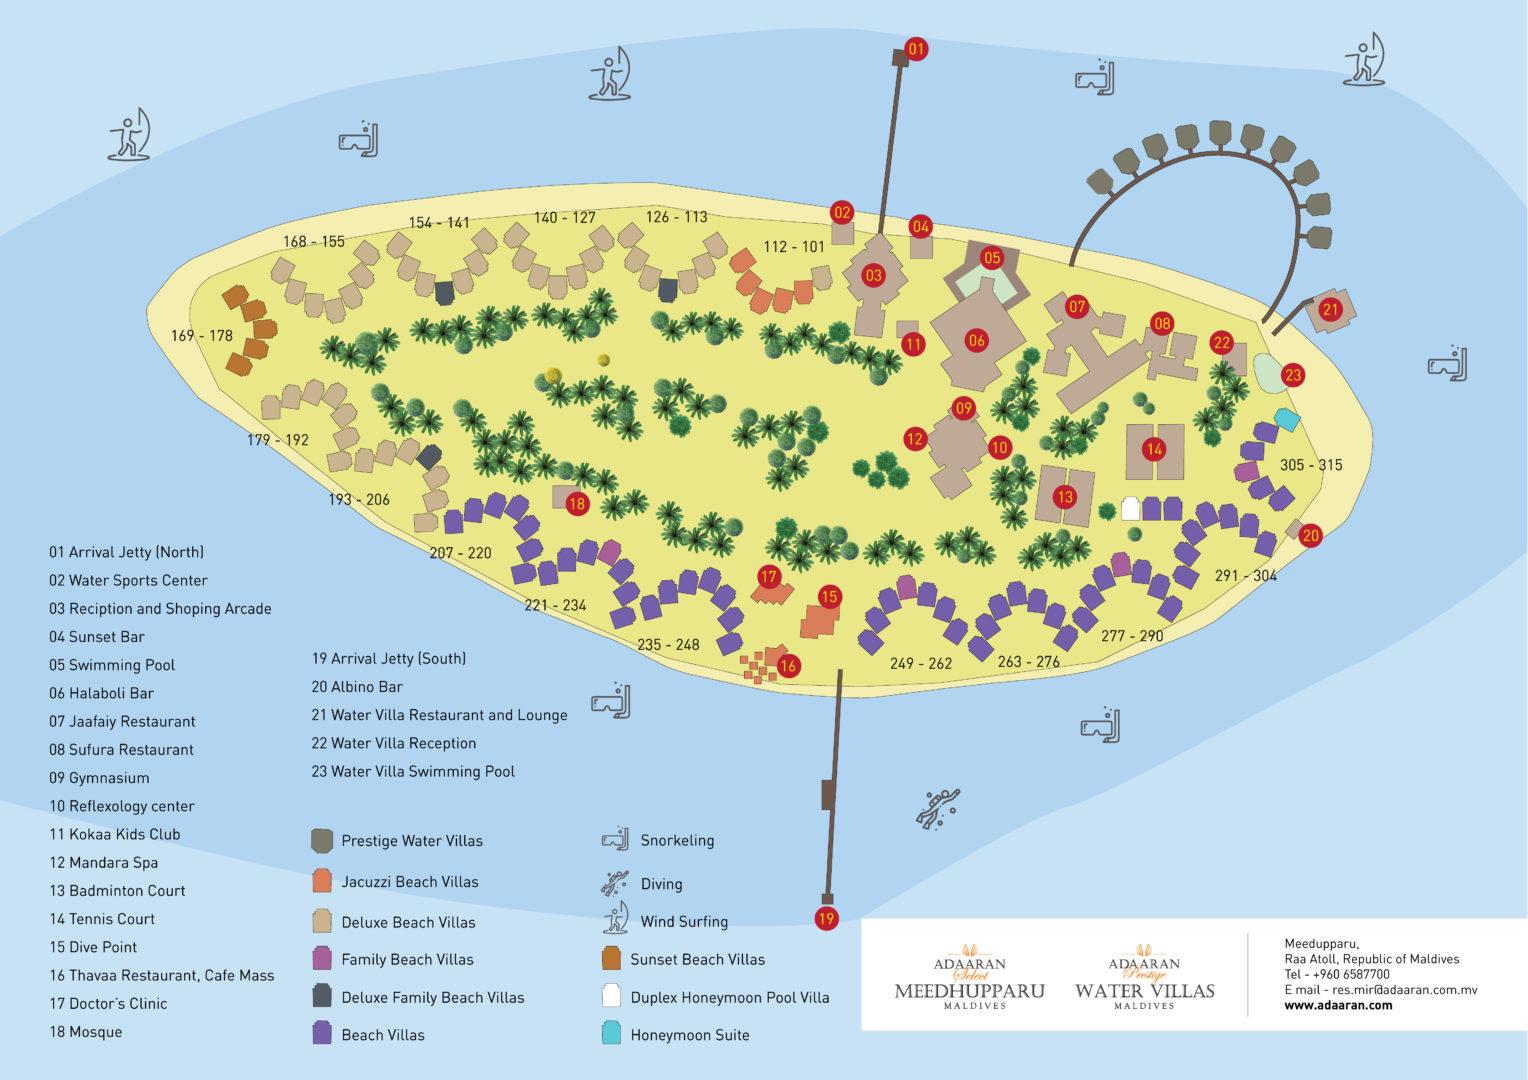 mappa Meedhupparu Maldive, Map Maldives